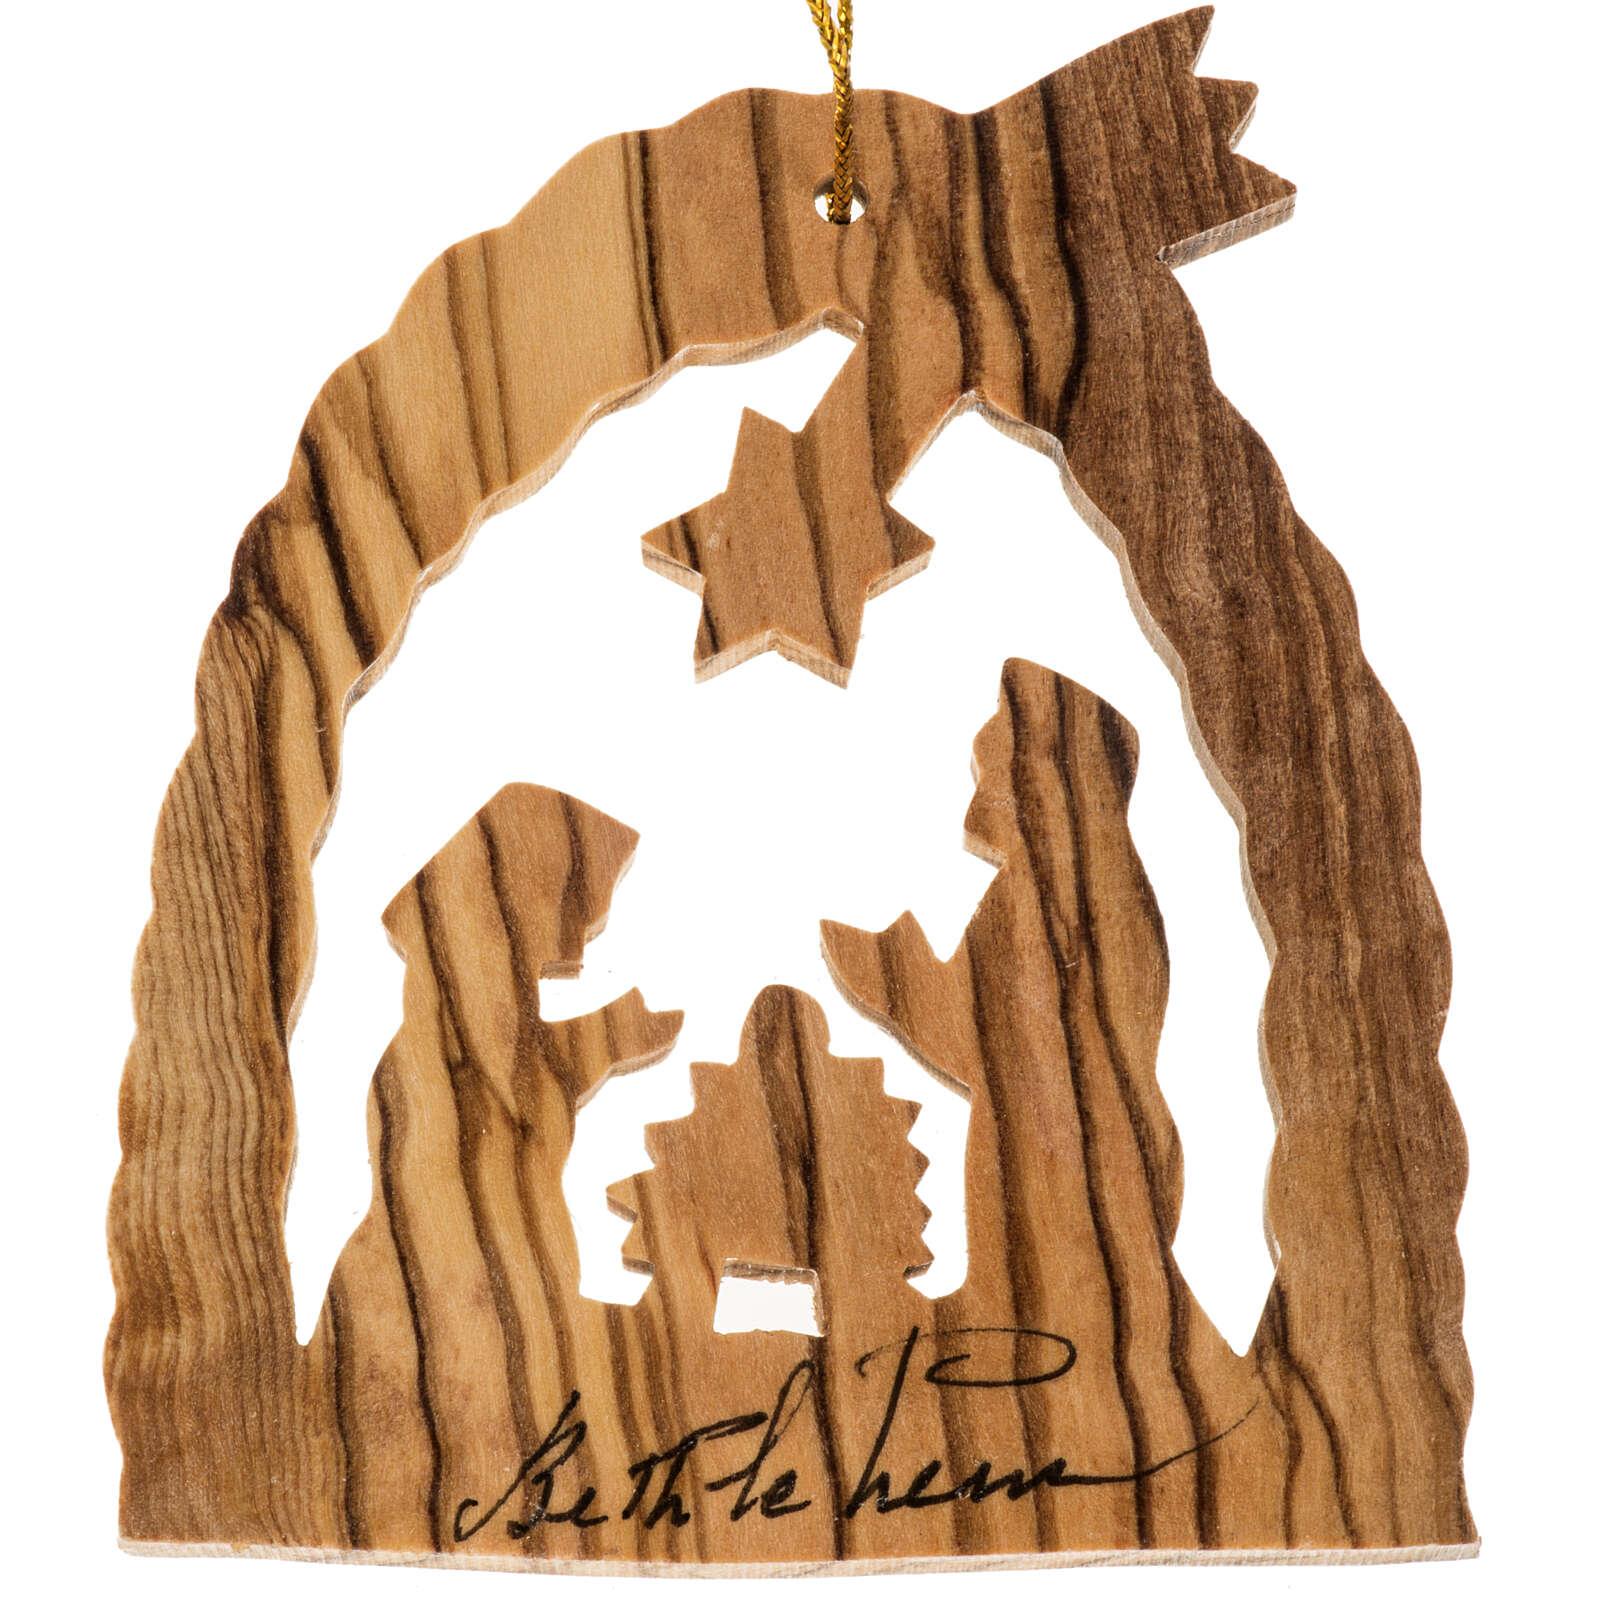 Enfeite para árvore de Natal madeira de oliveira da Terra Santa cabana da Natividade 4